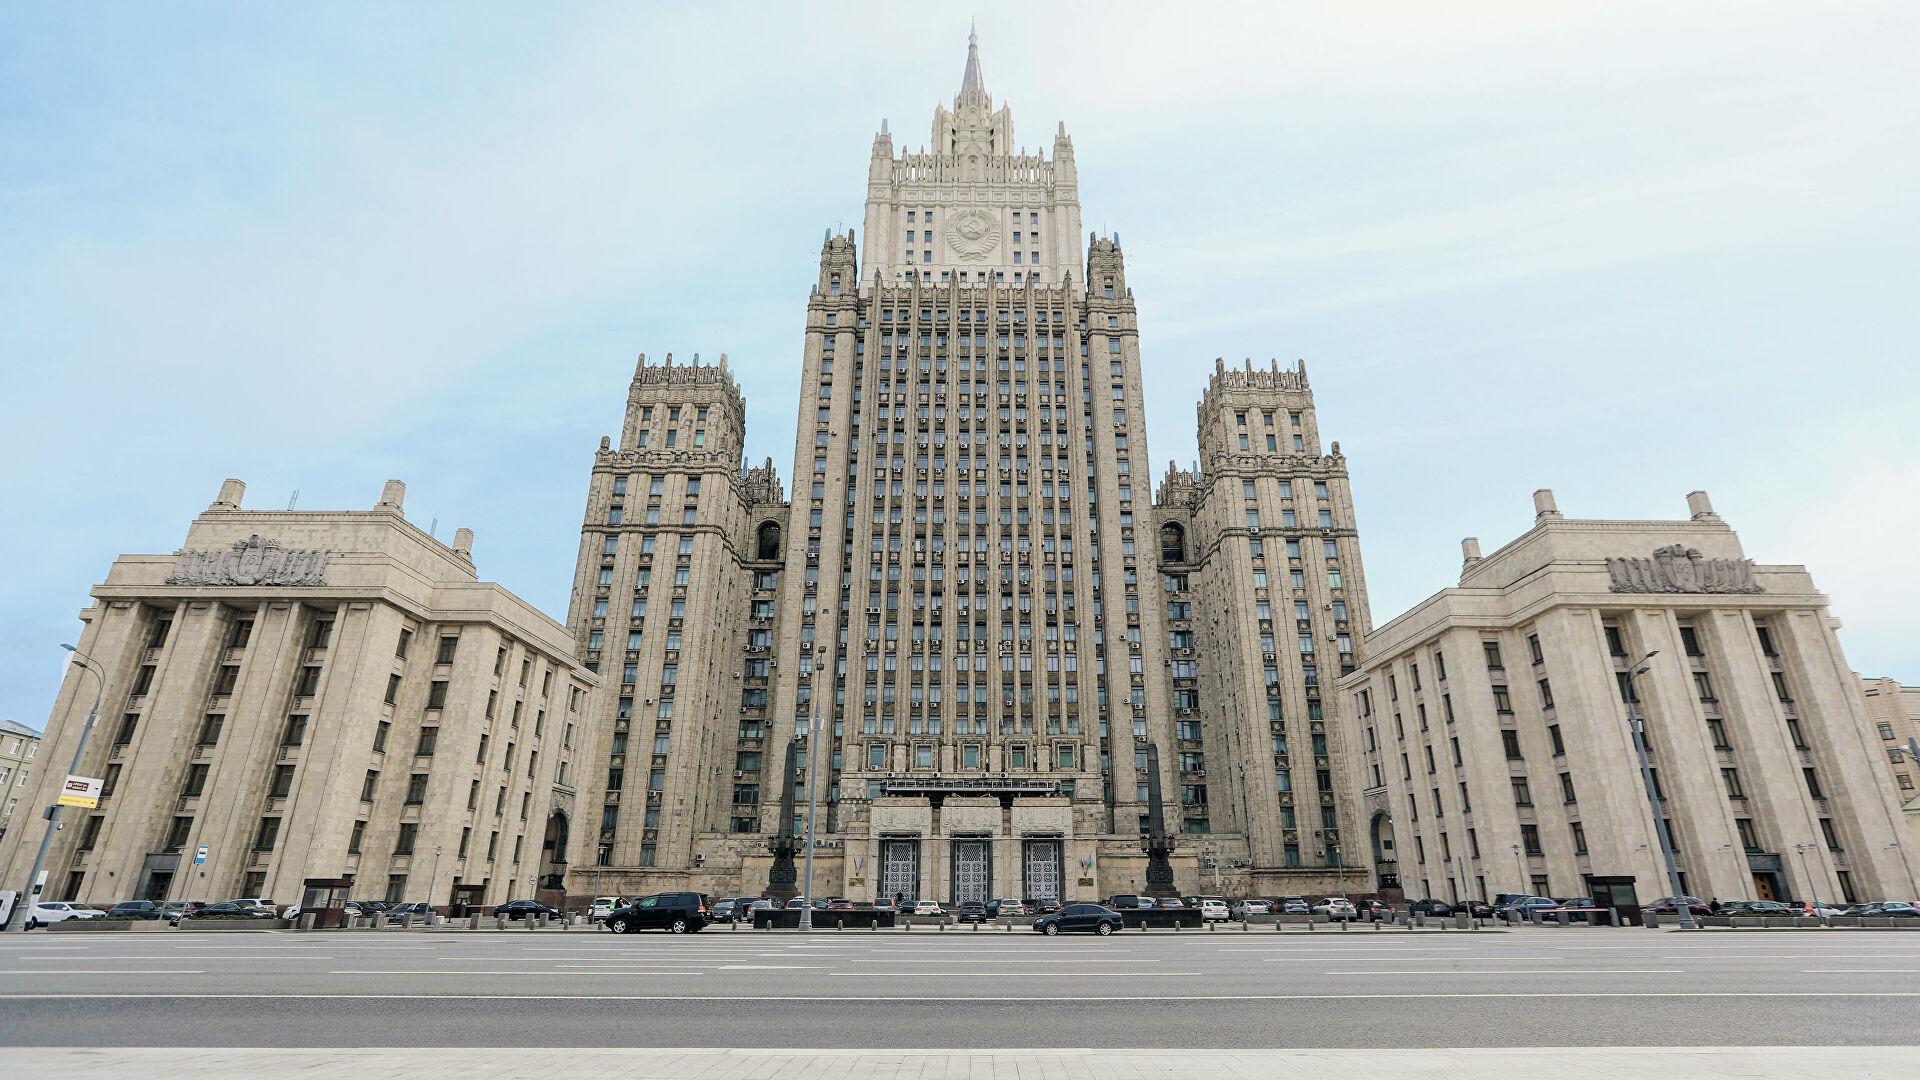 Москва: Захтеви за ослобађање Навалног неприхватљиви и апсурдни